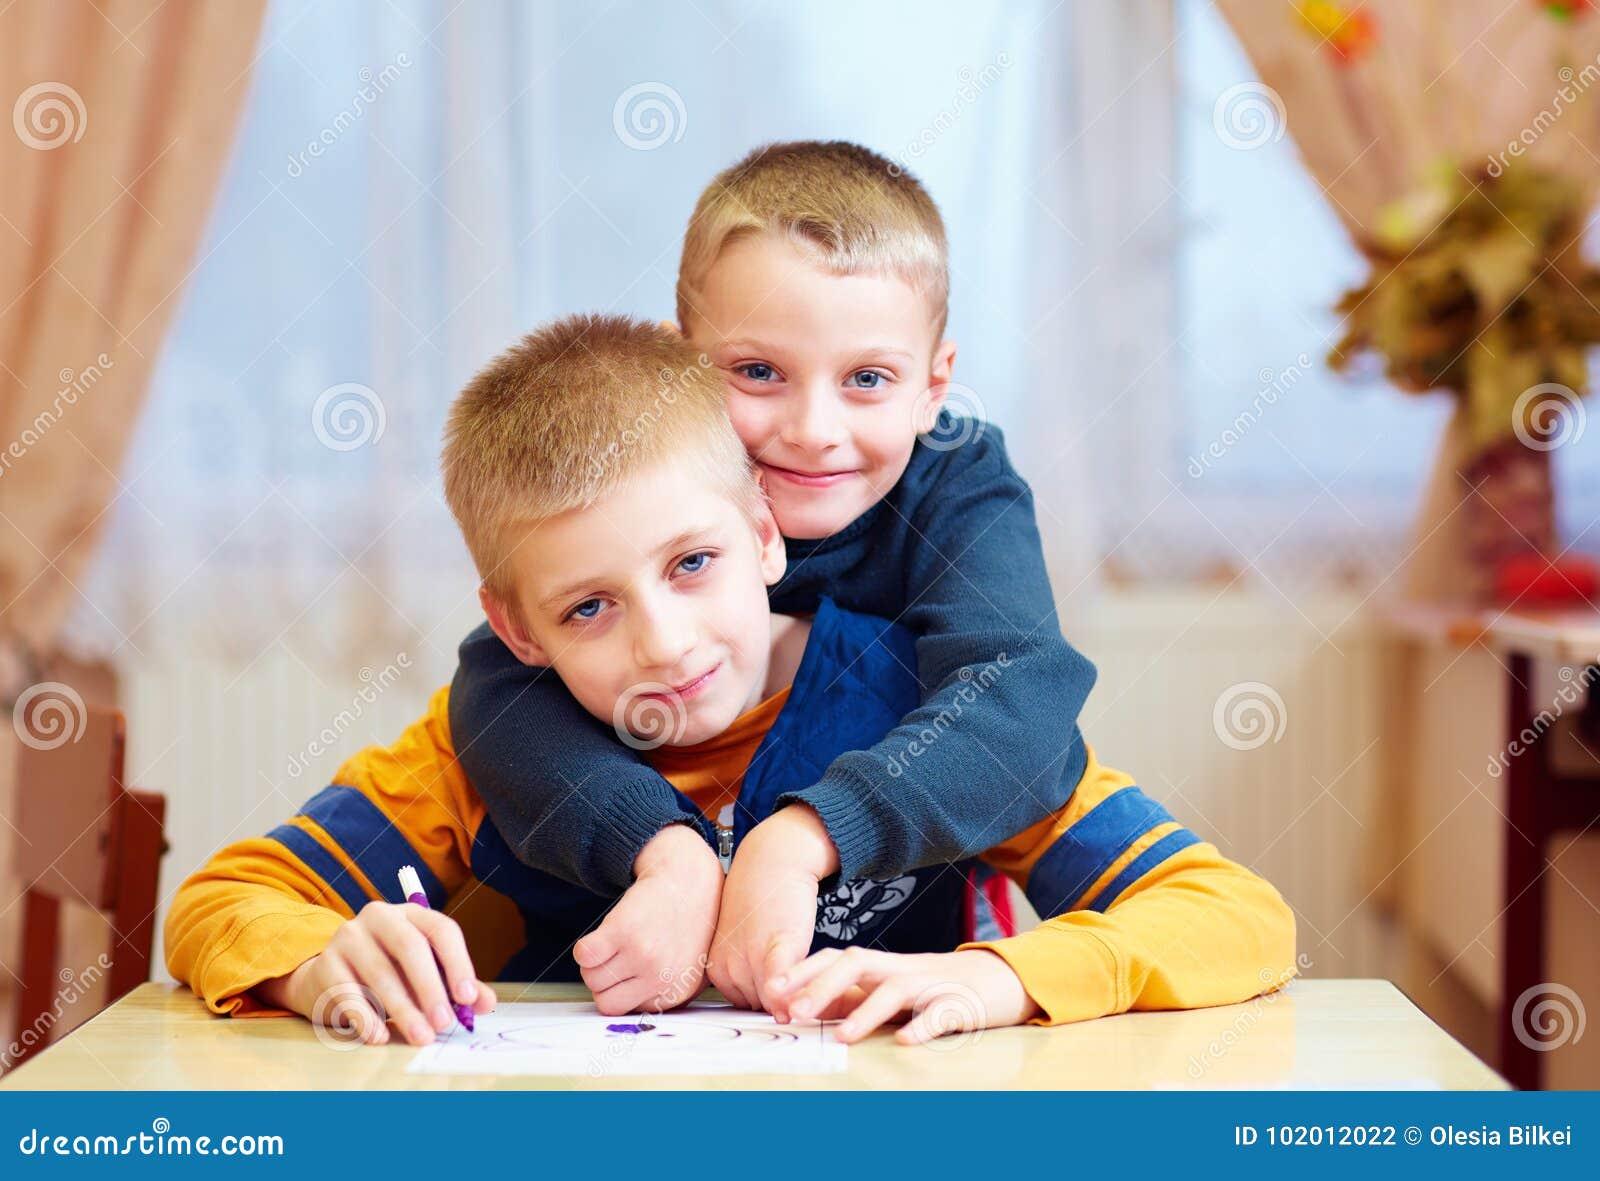 fe7ffc39dc7 Δύο χαριτωμένα παιδιά αγοριών, φίλοι στο σχολείο αποκατάστασης για τα παιδιά  με ειδικές ανάγκες